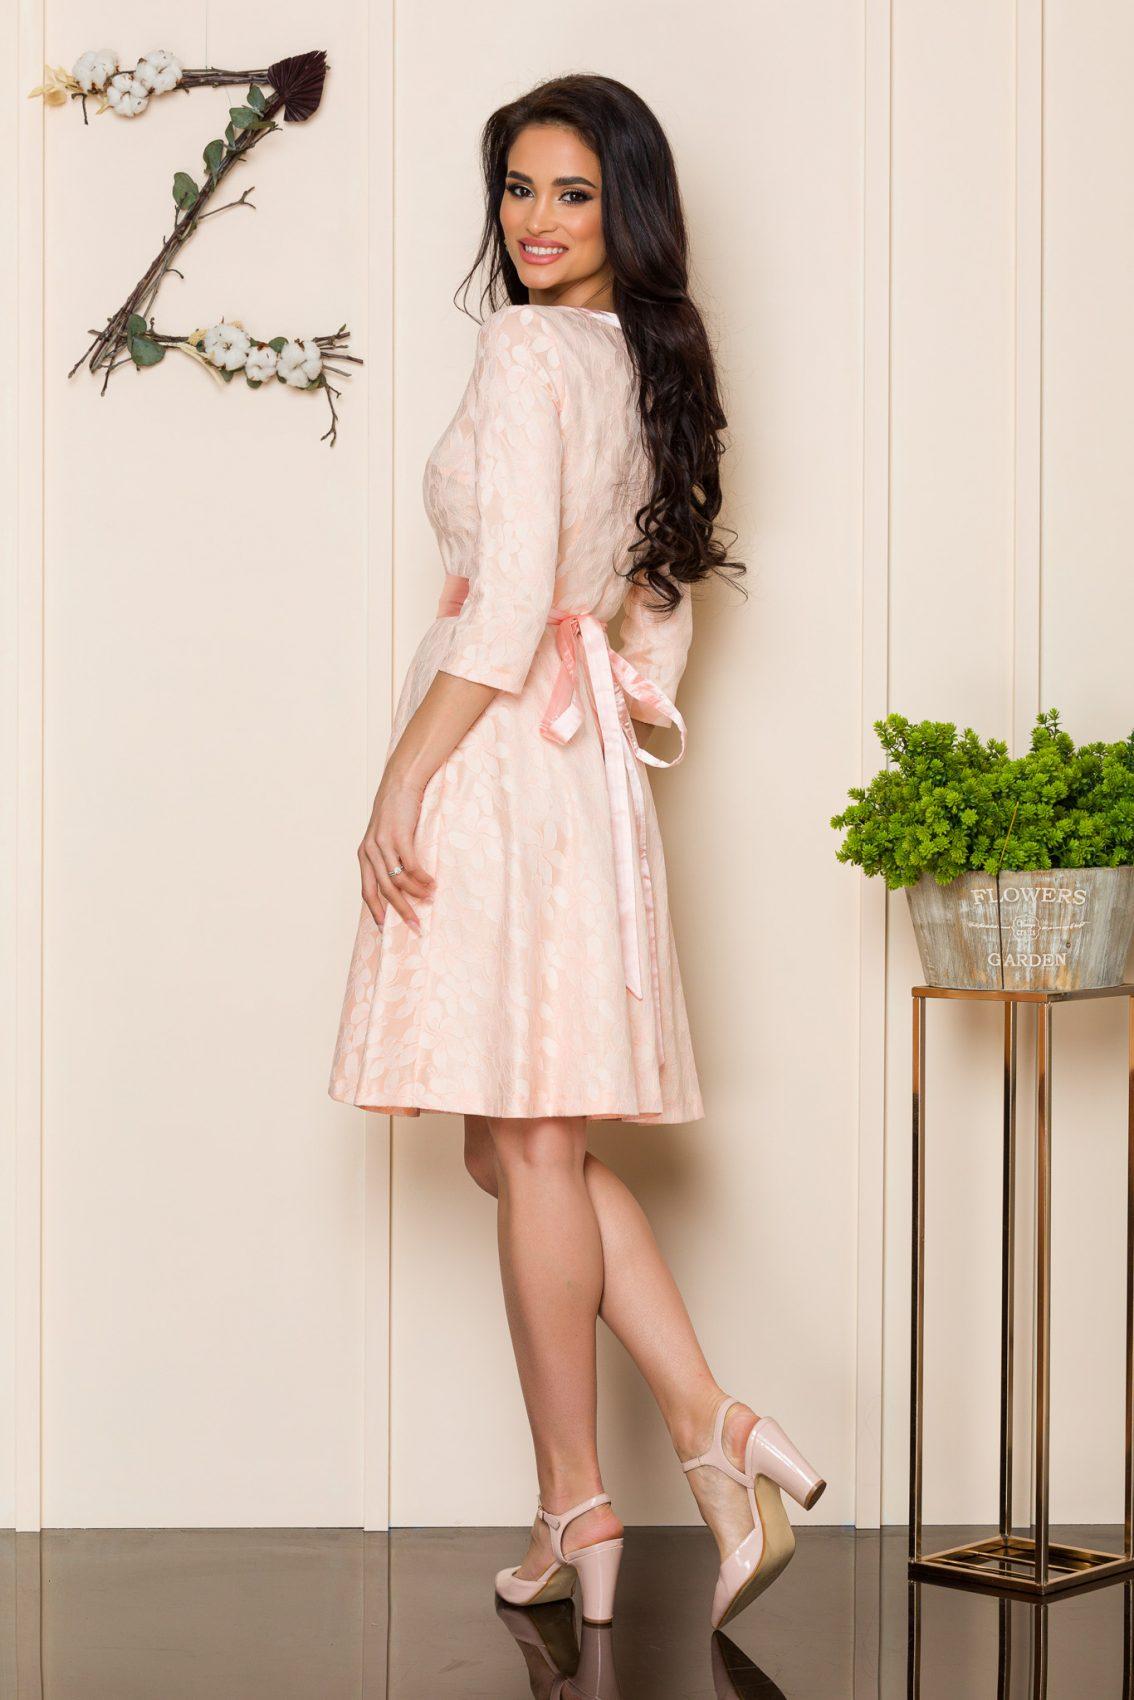 Ροζ Φόρεμα Από Δαντέλα Shelby A181 2